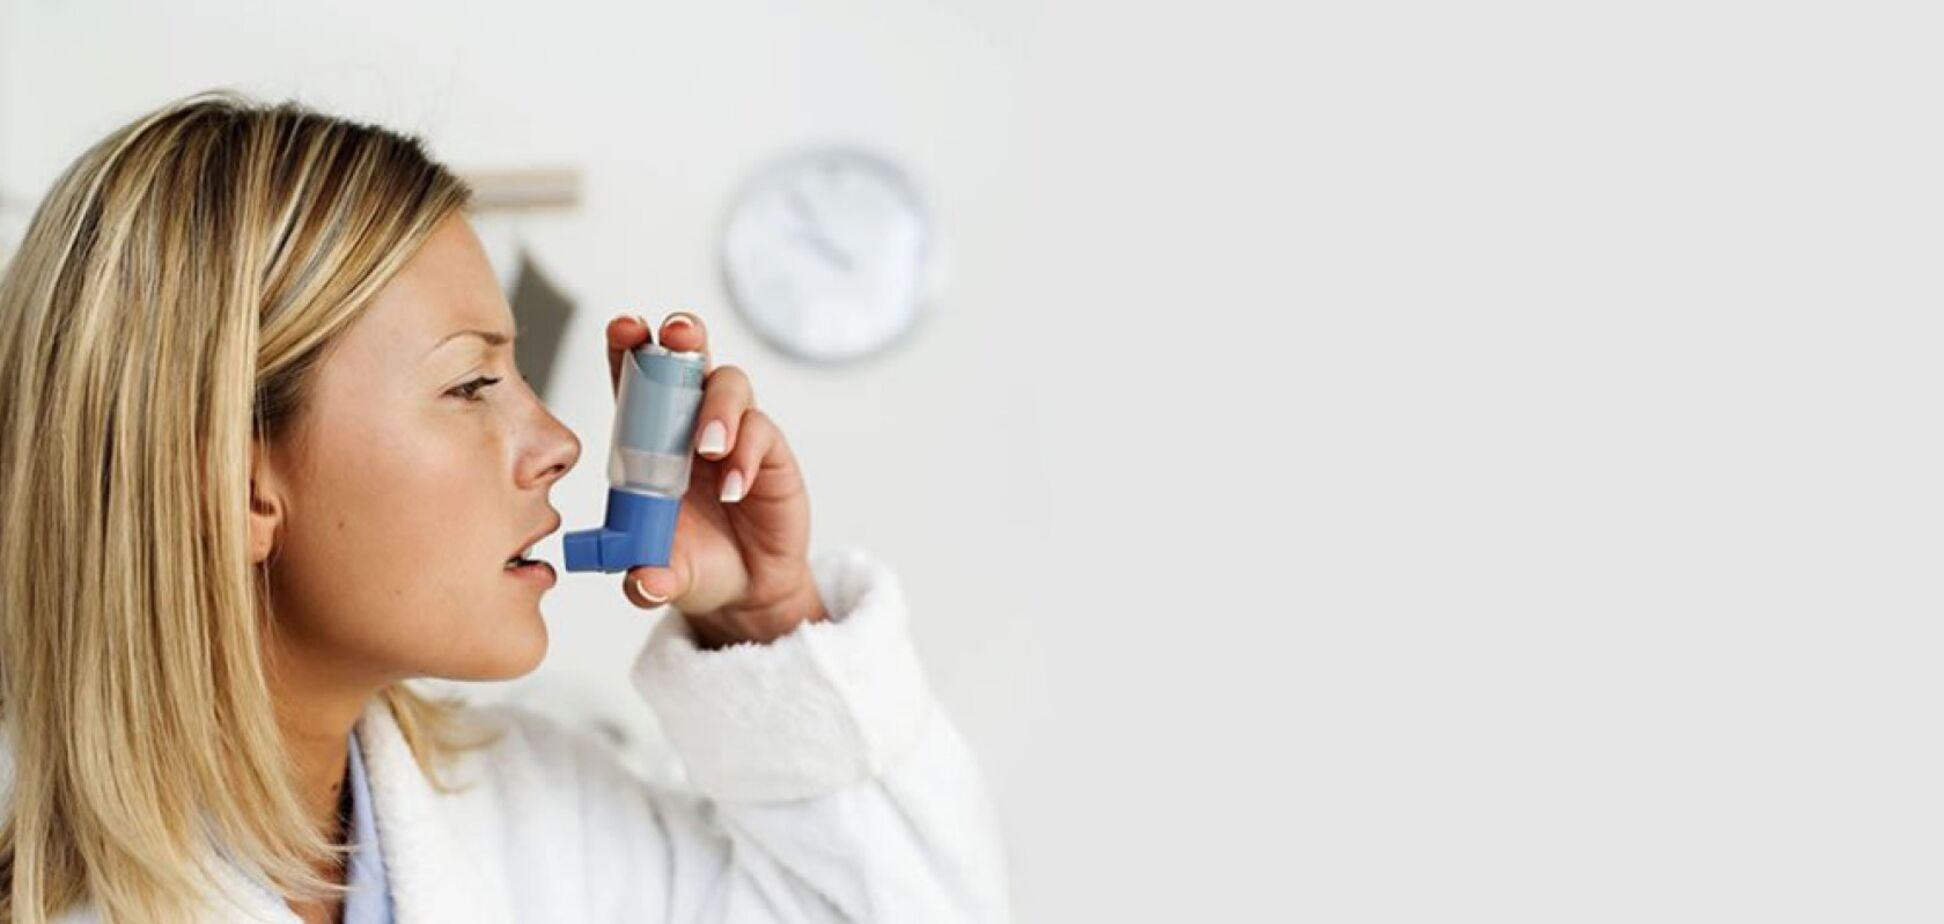 Как лечение астмы влияет на возможность стать мамой?